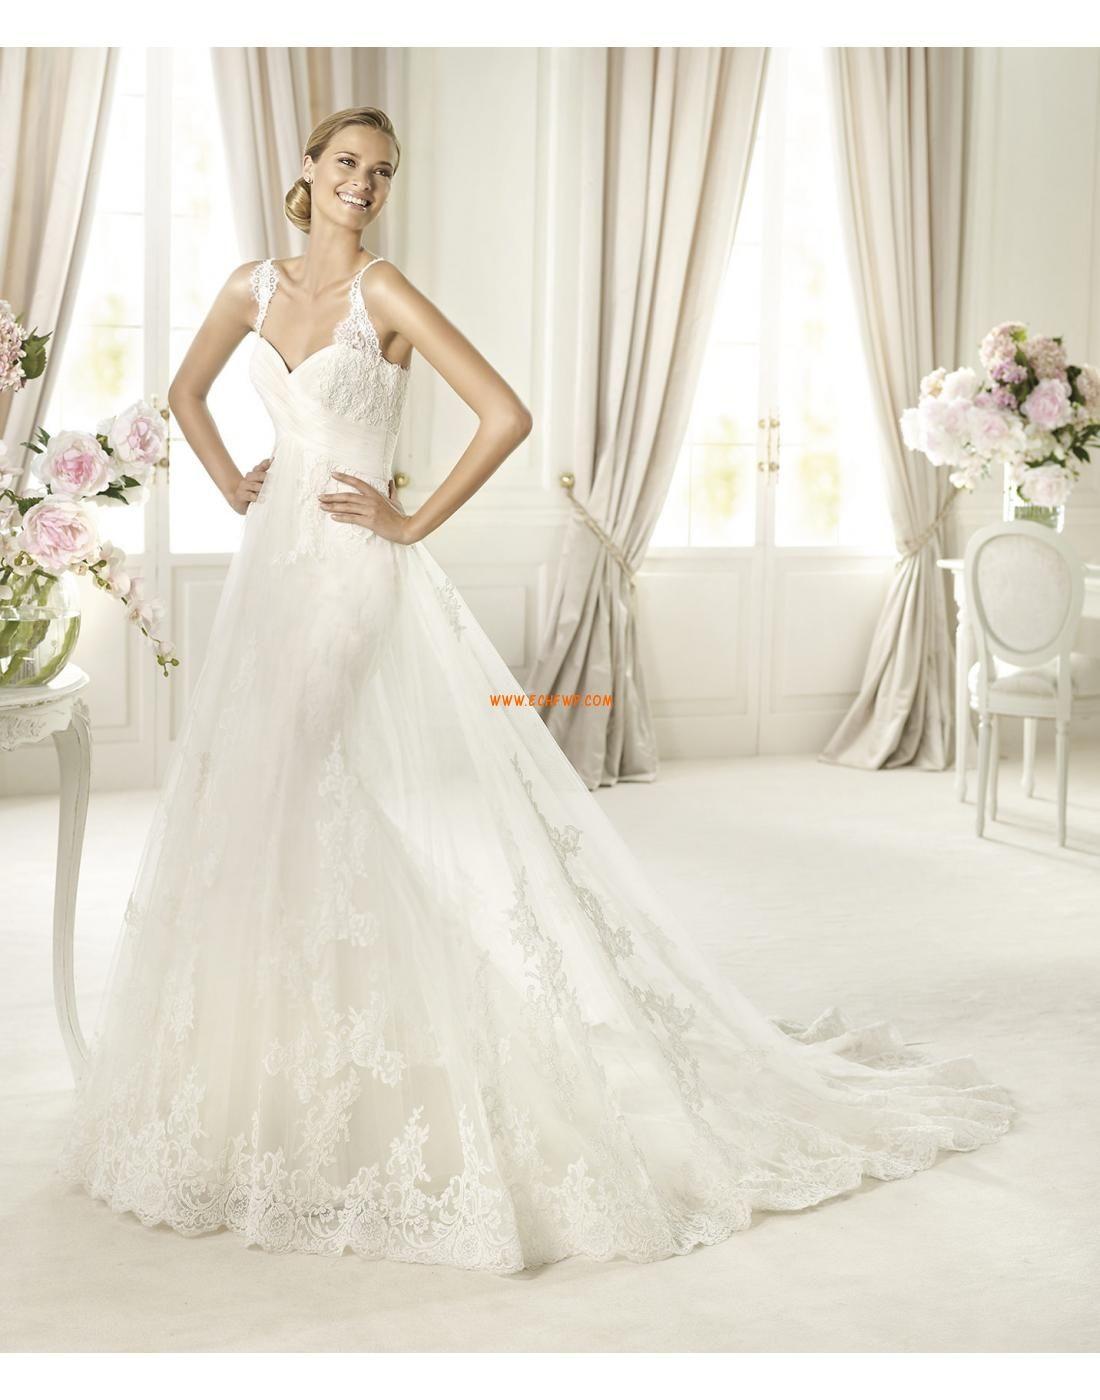 Princess-Stil 3/4 Arm Natürlich Brautkleider 2014   Brautkleid ...